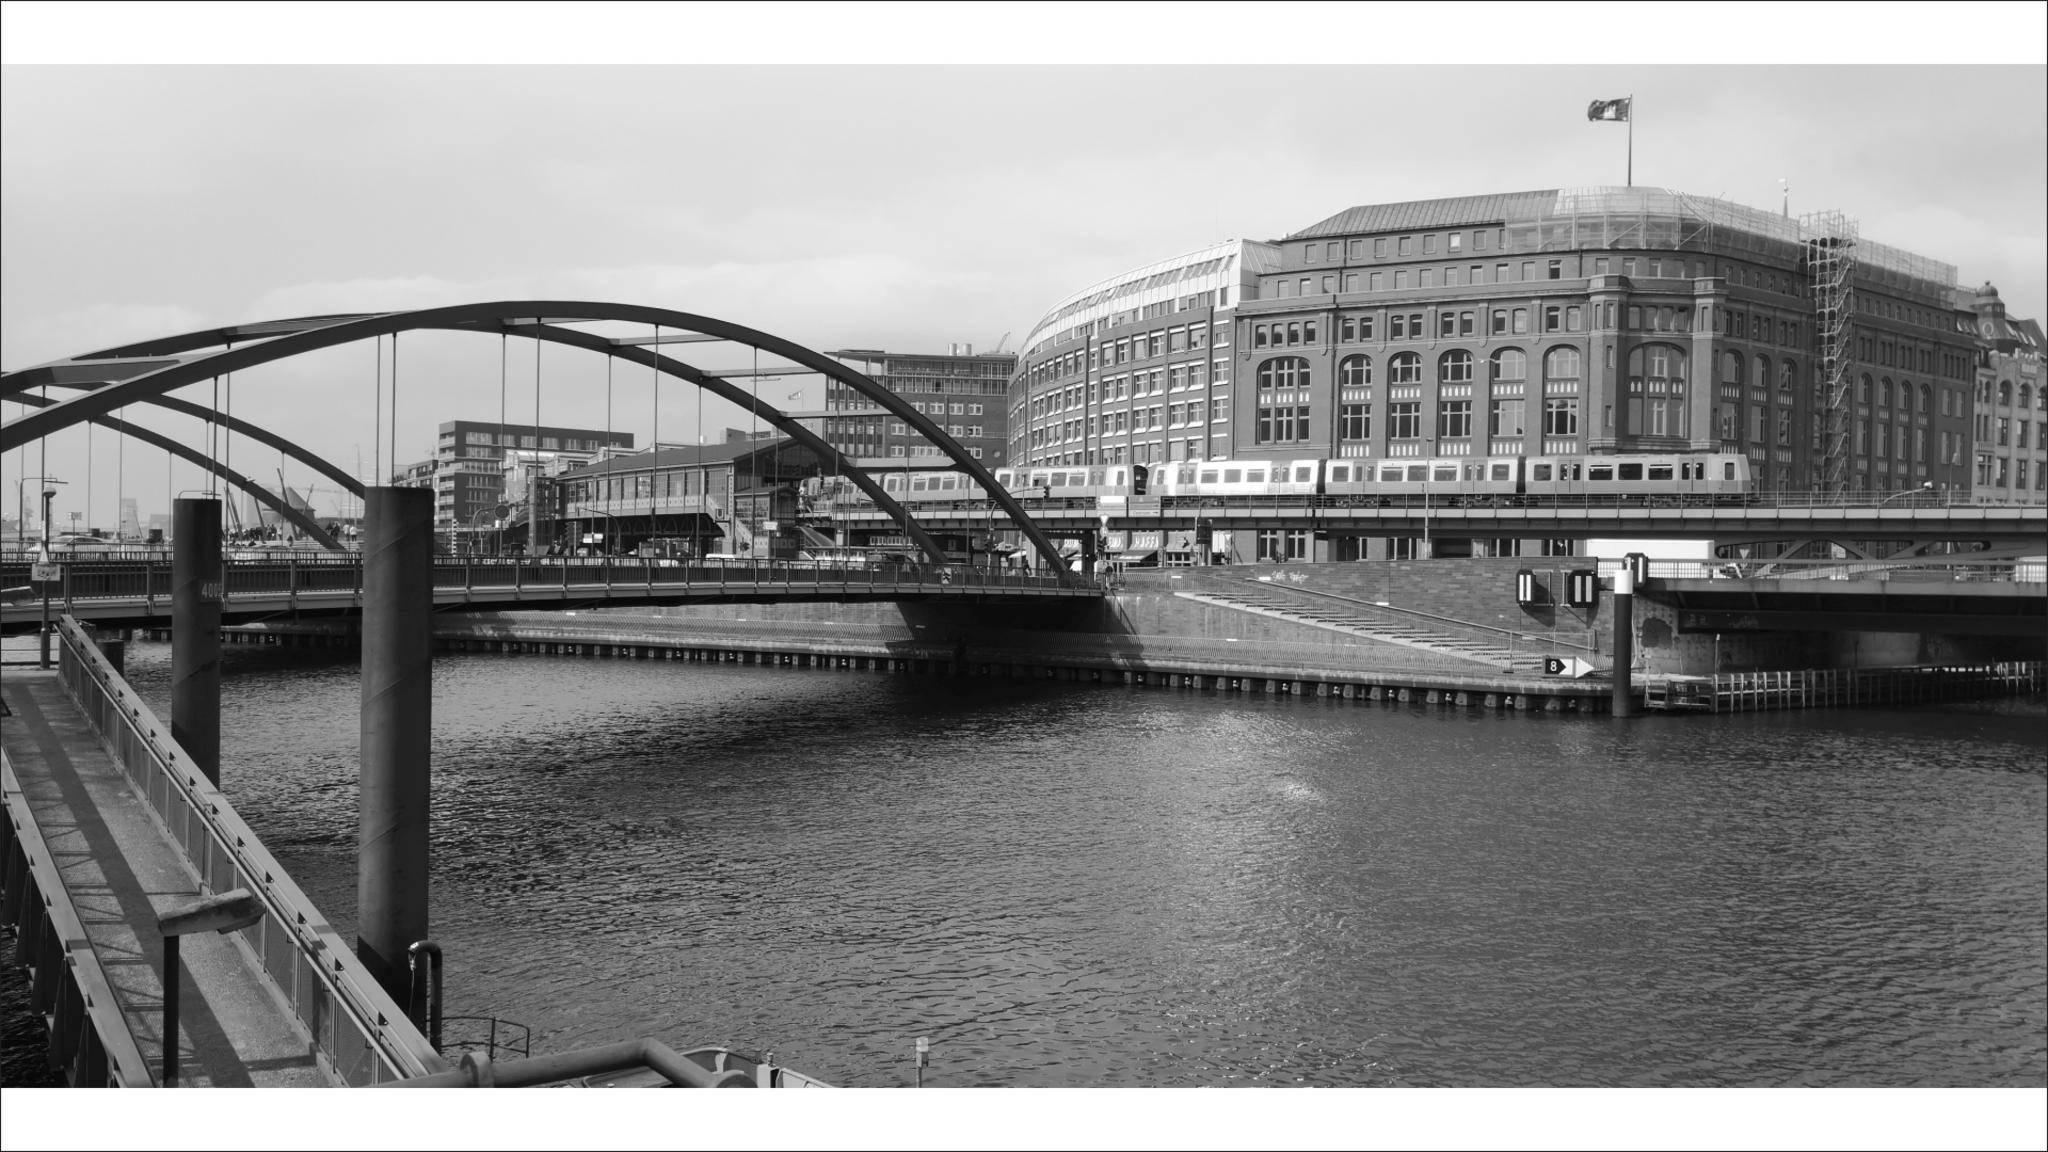 Monochromfotos können das Profil einer Stadt wie Hamburg treffend einfangen.